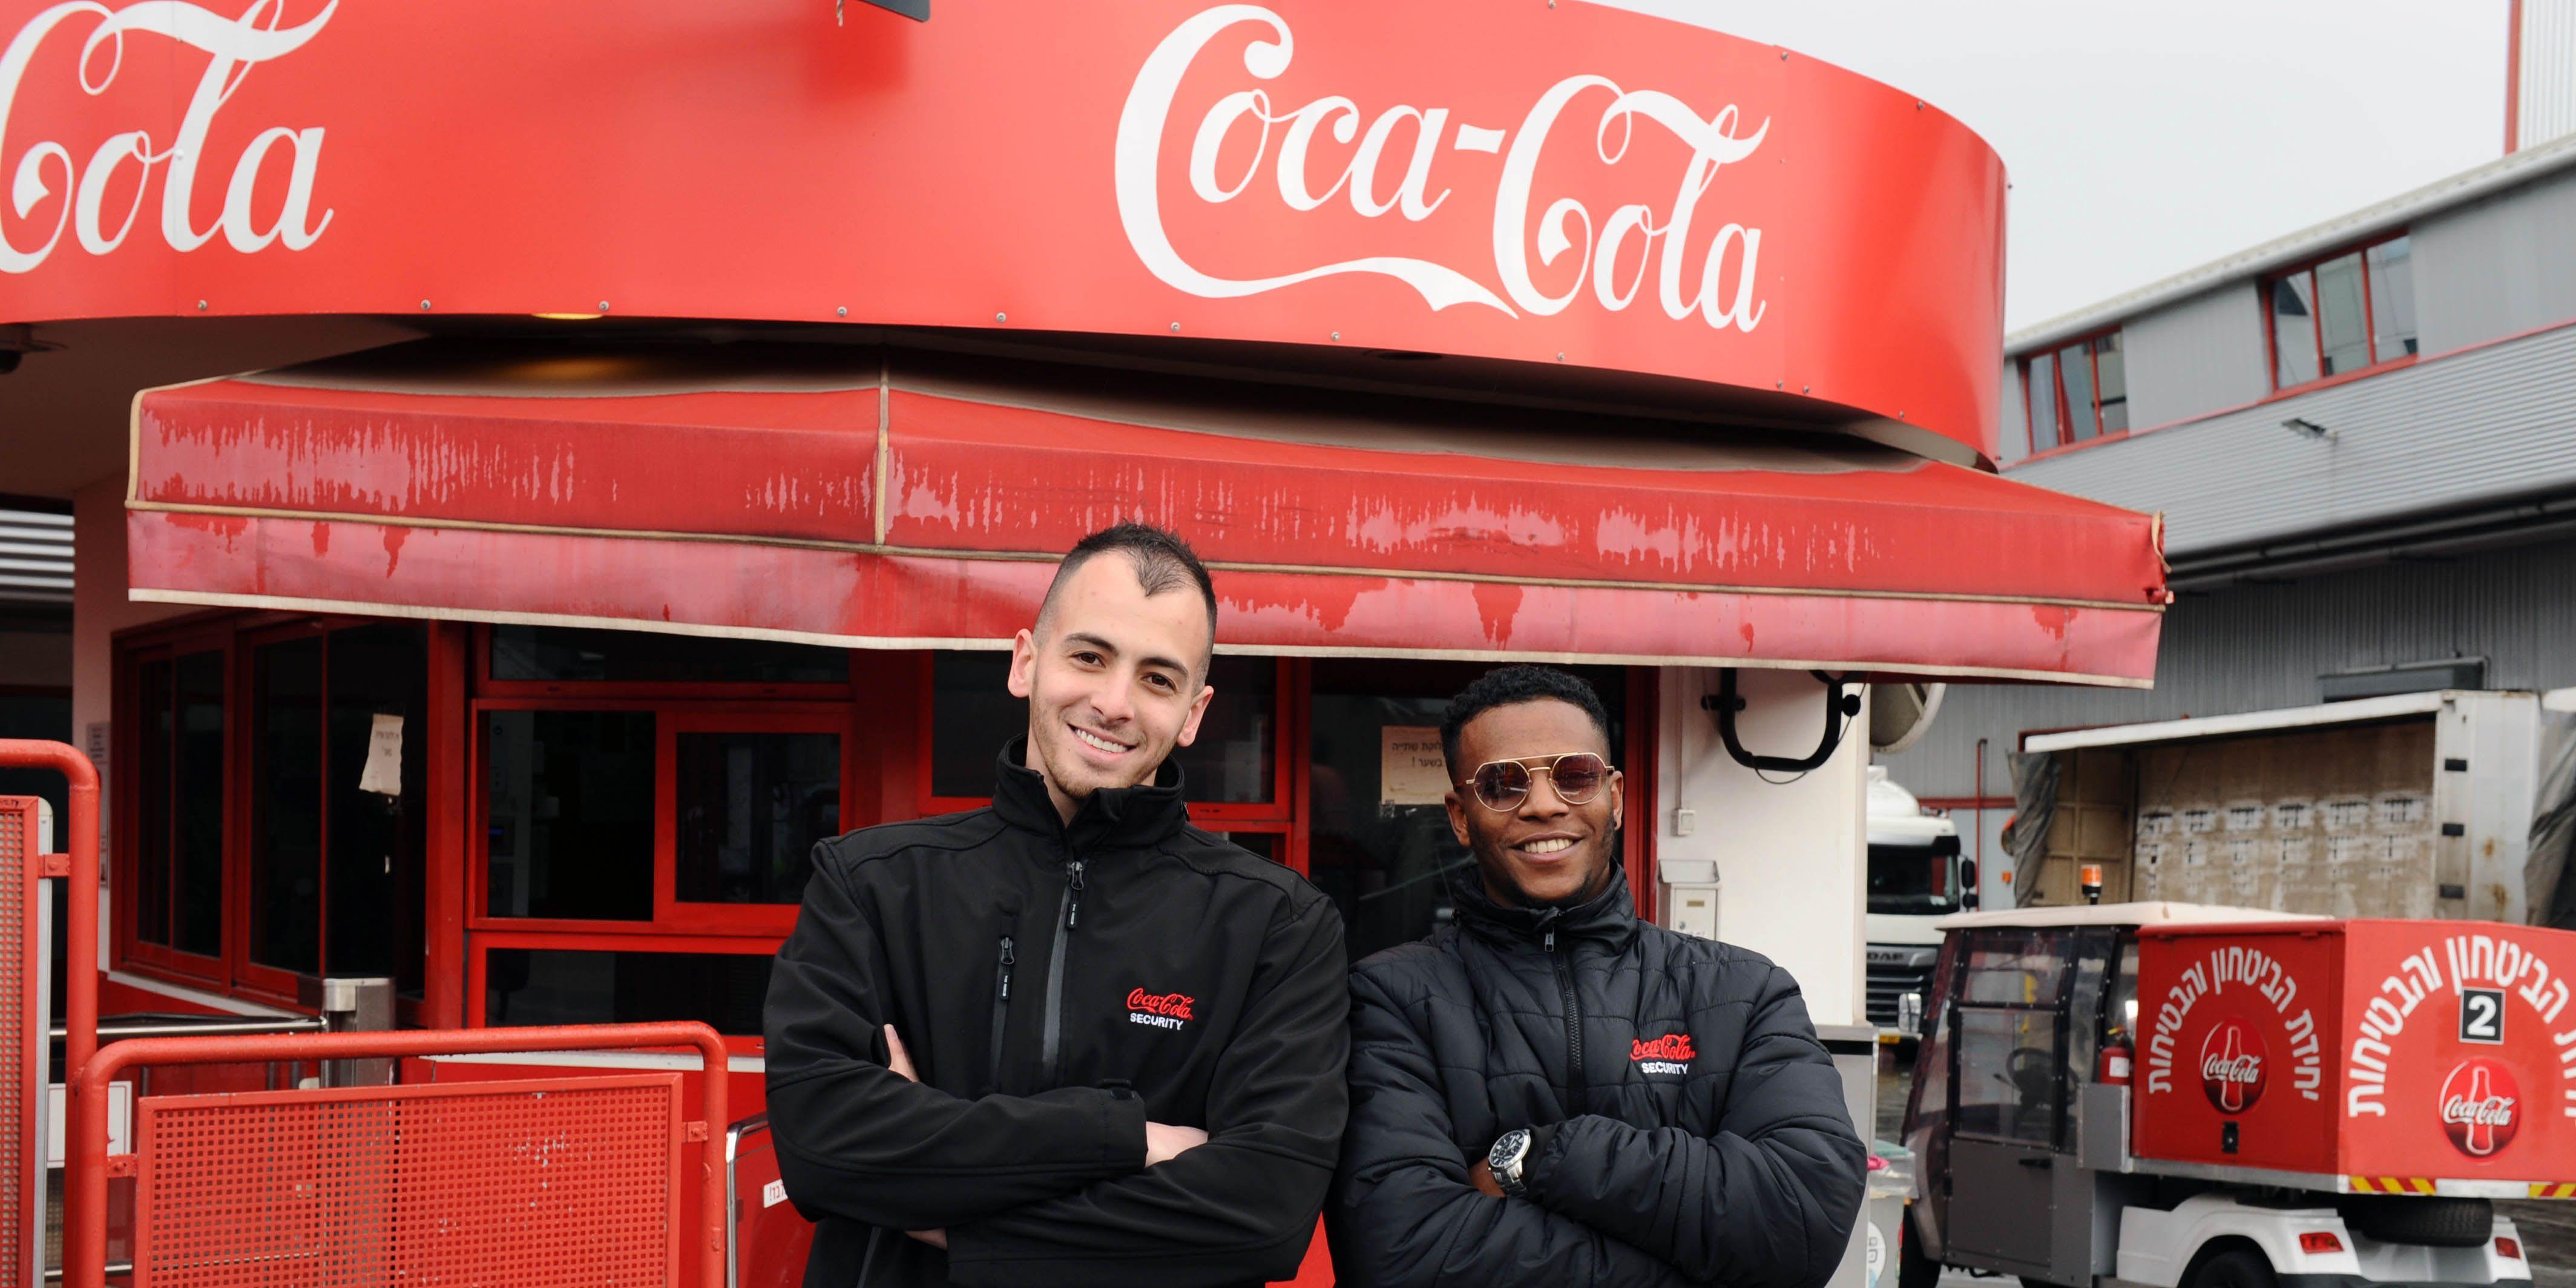 מאבטח/ת בחברה המרכזית למשקאות (קוקה-קולה)